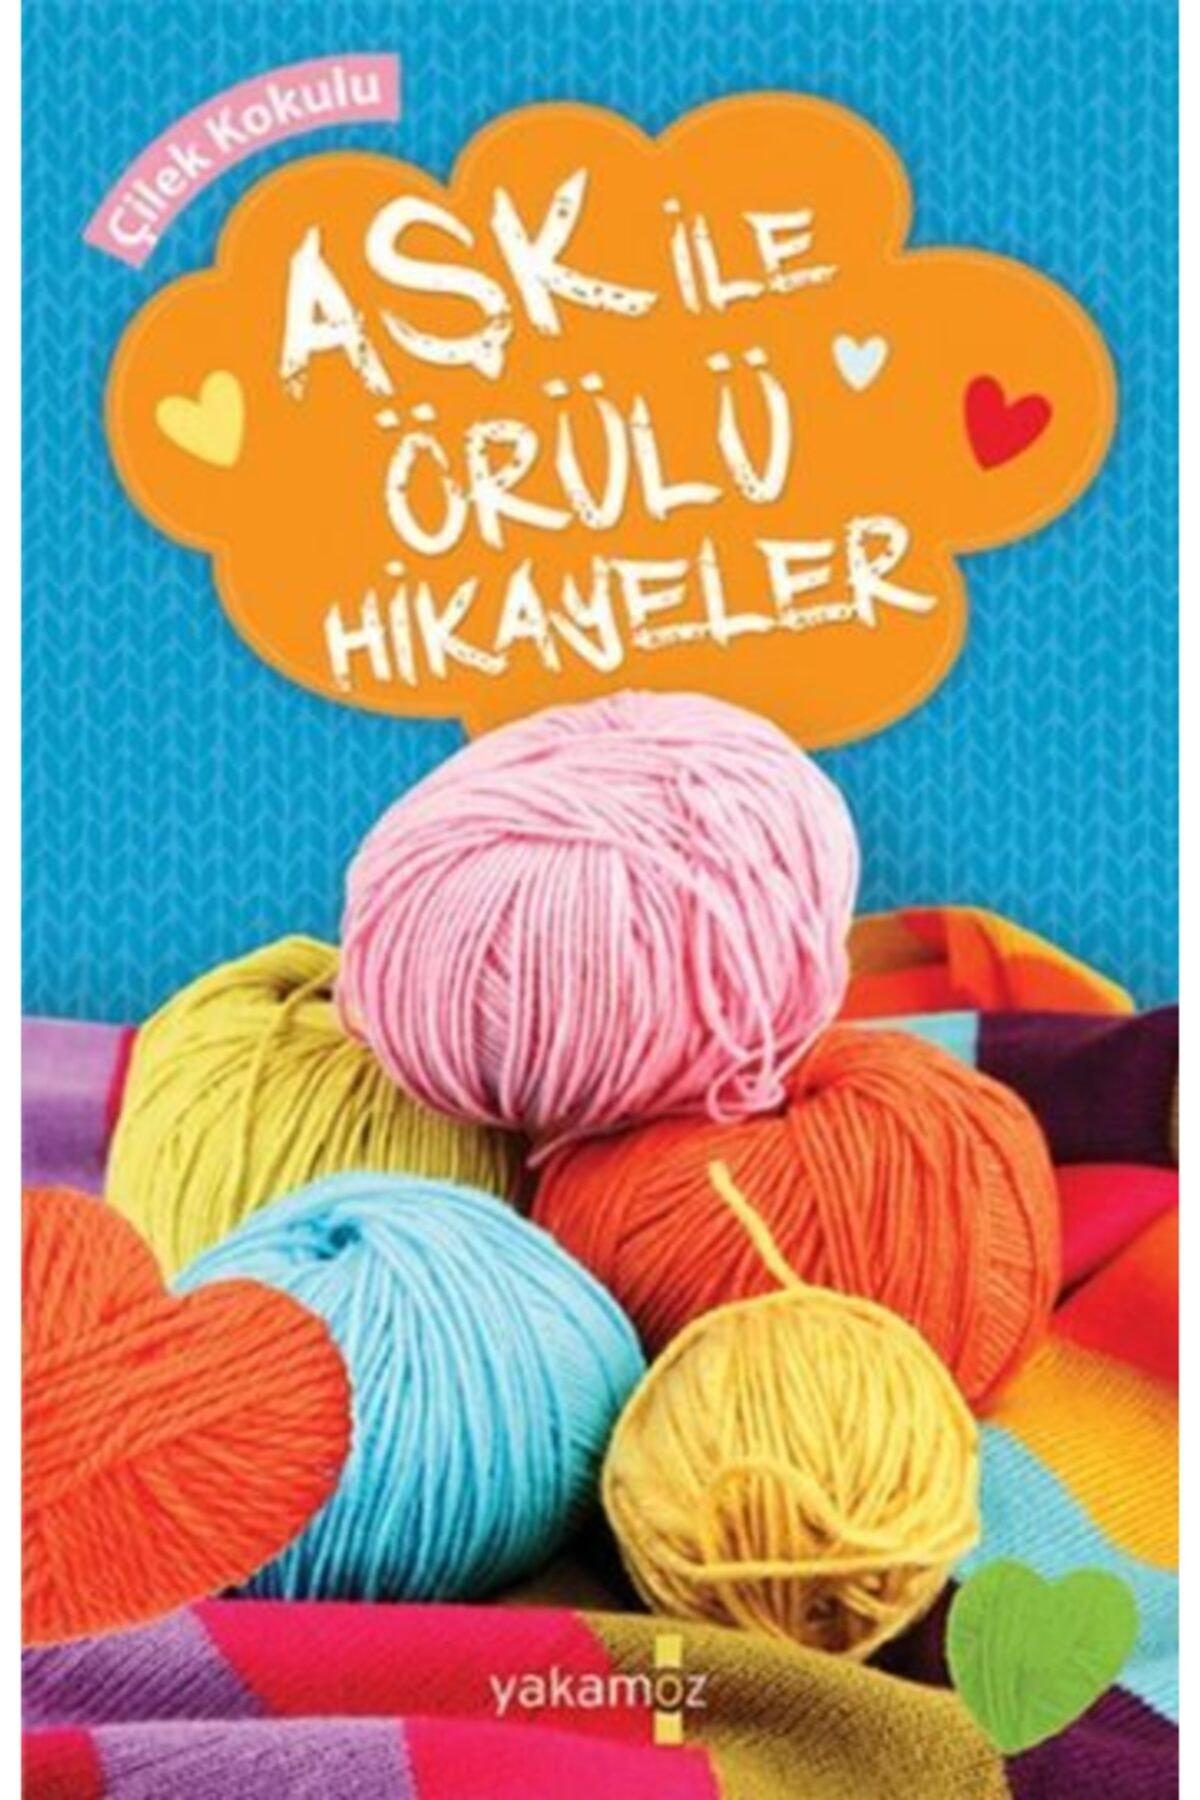 Yakamoz Yayınları Aşk İle Örülü Hikayeler Çilek Kokulu 1